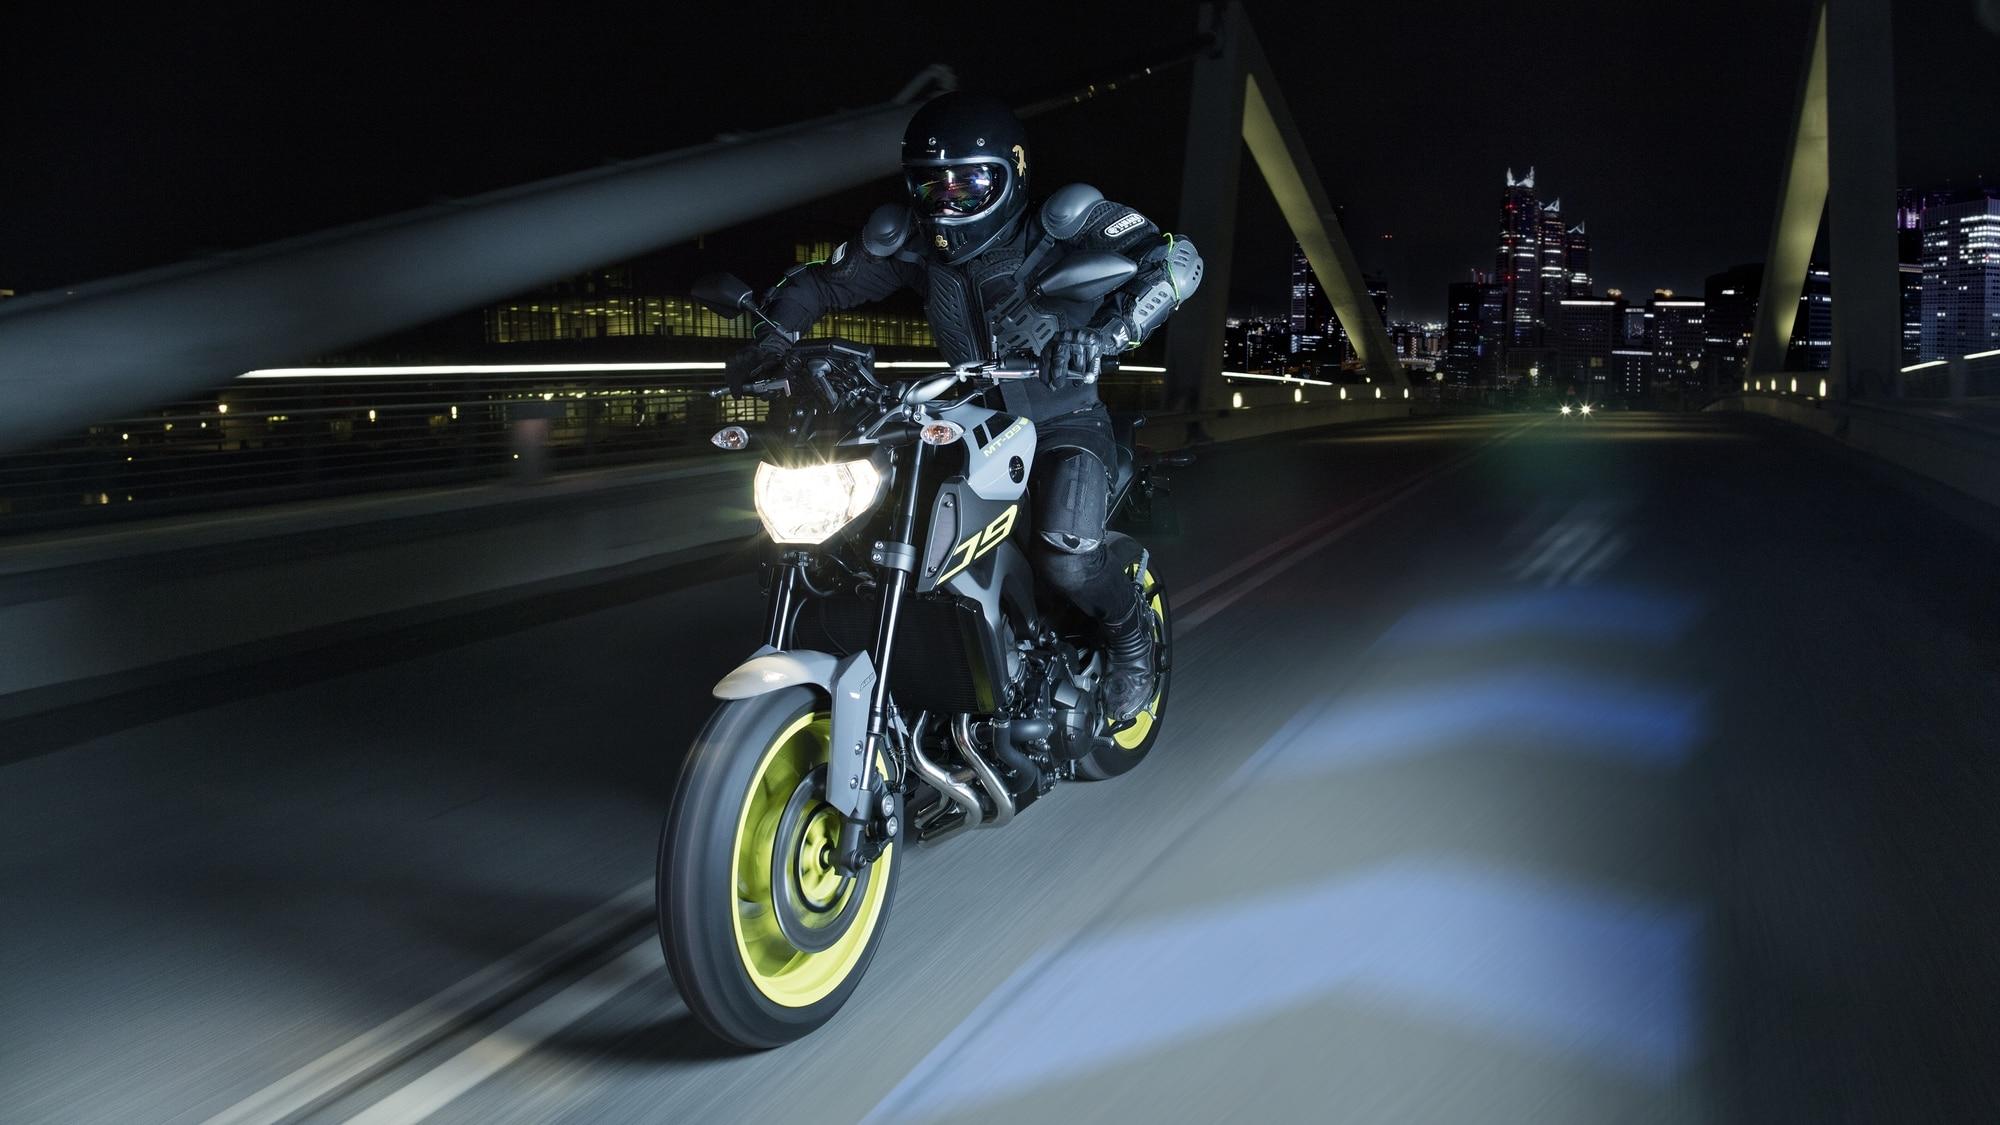 Motocicleta clip-on guiador 22mm se encaixa 31